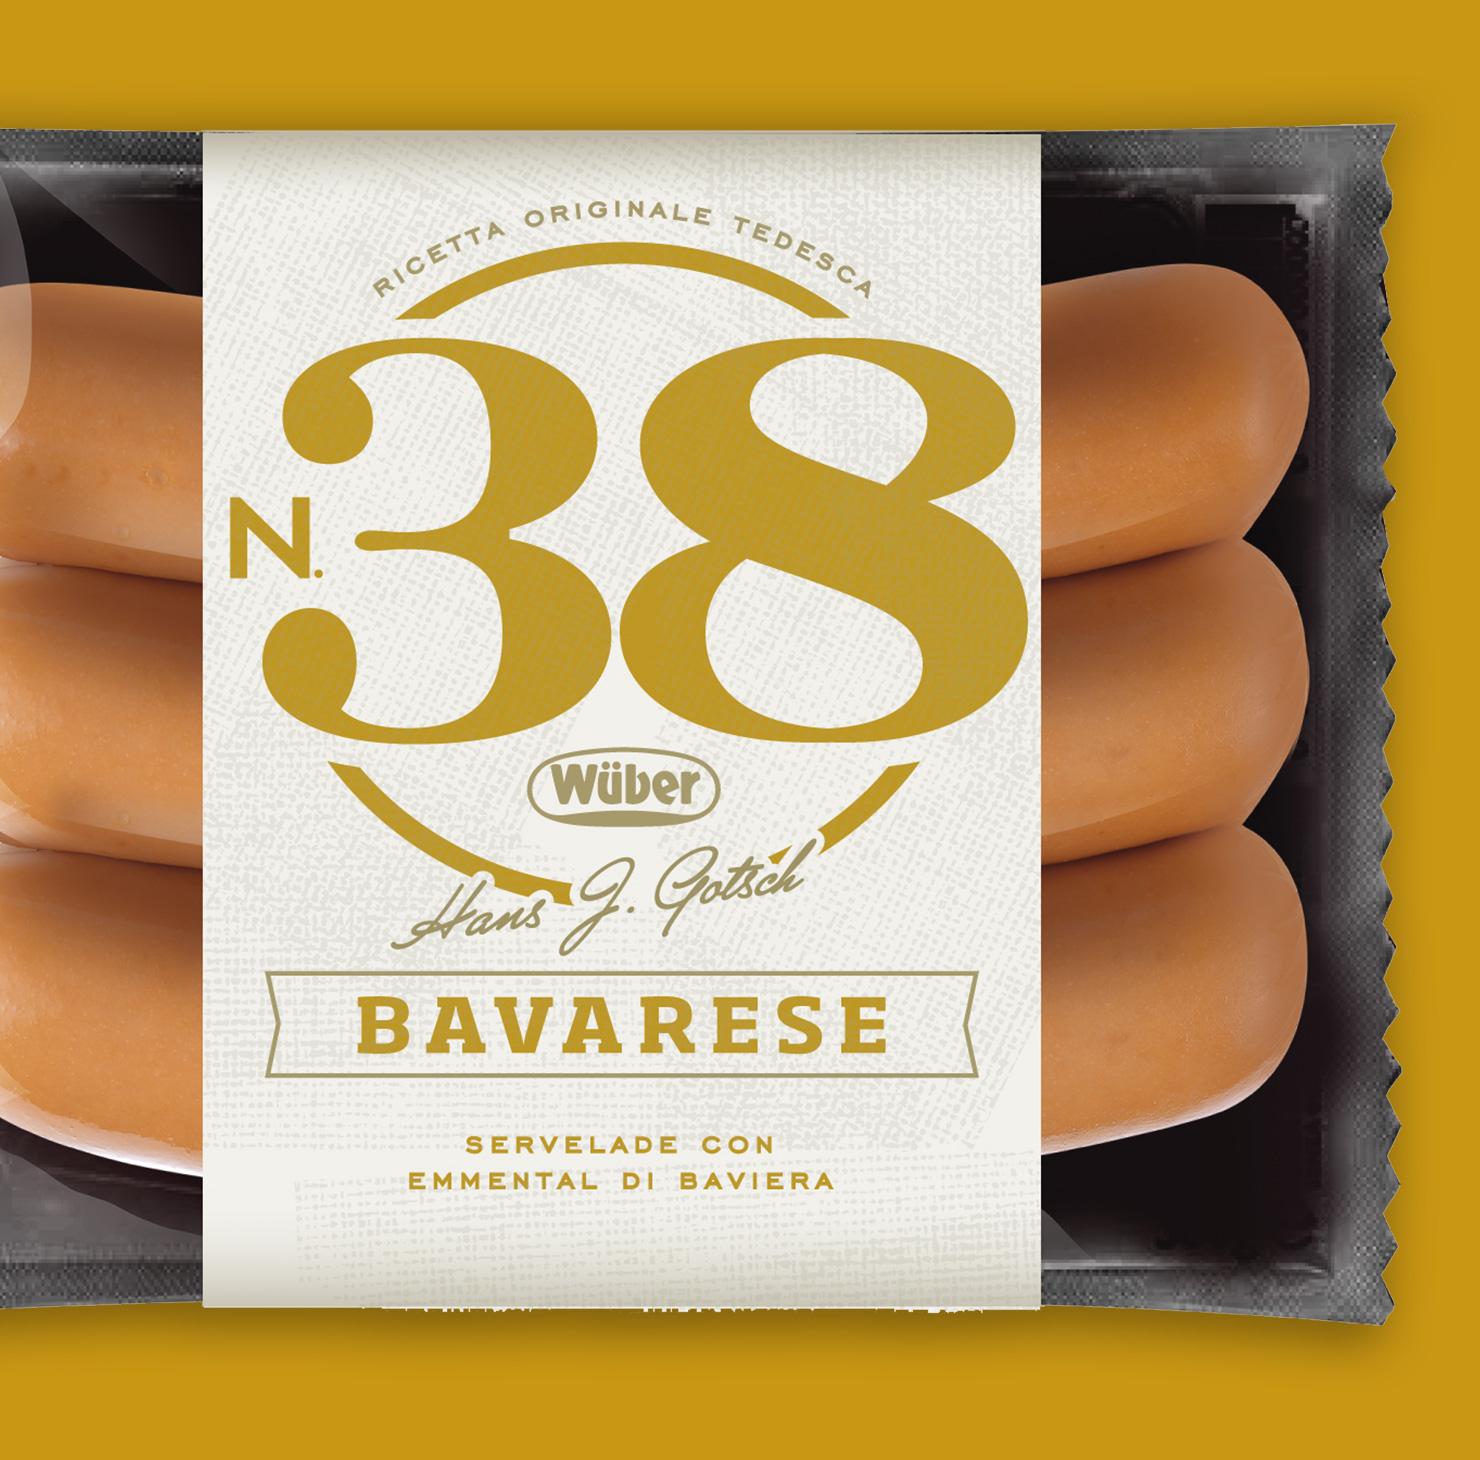 N38 Bavarese